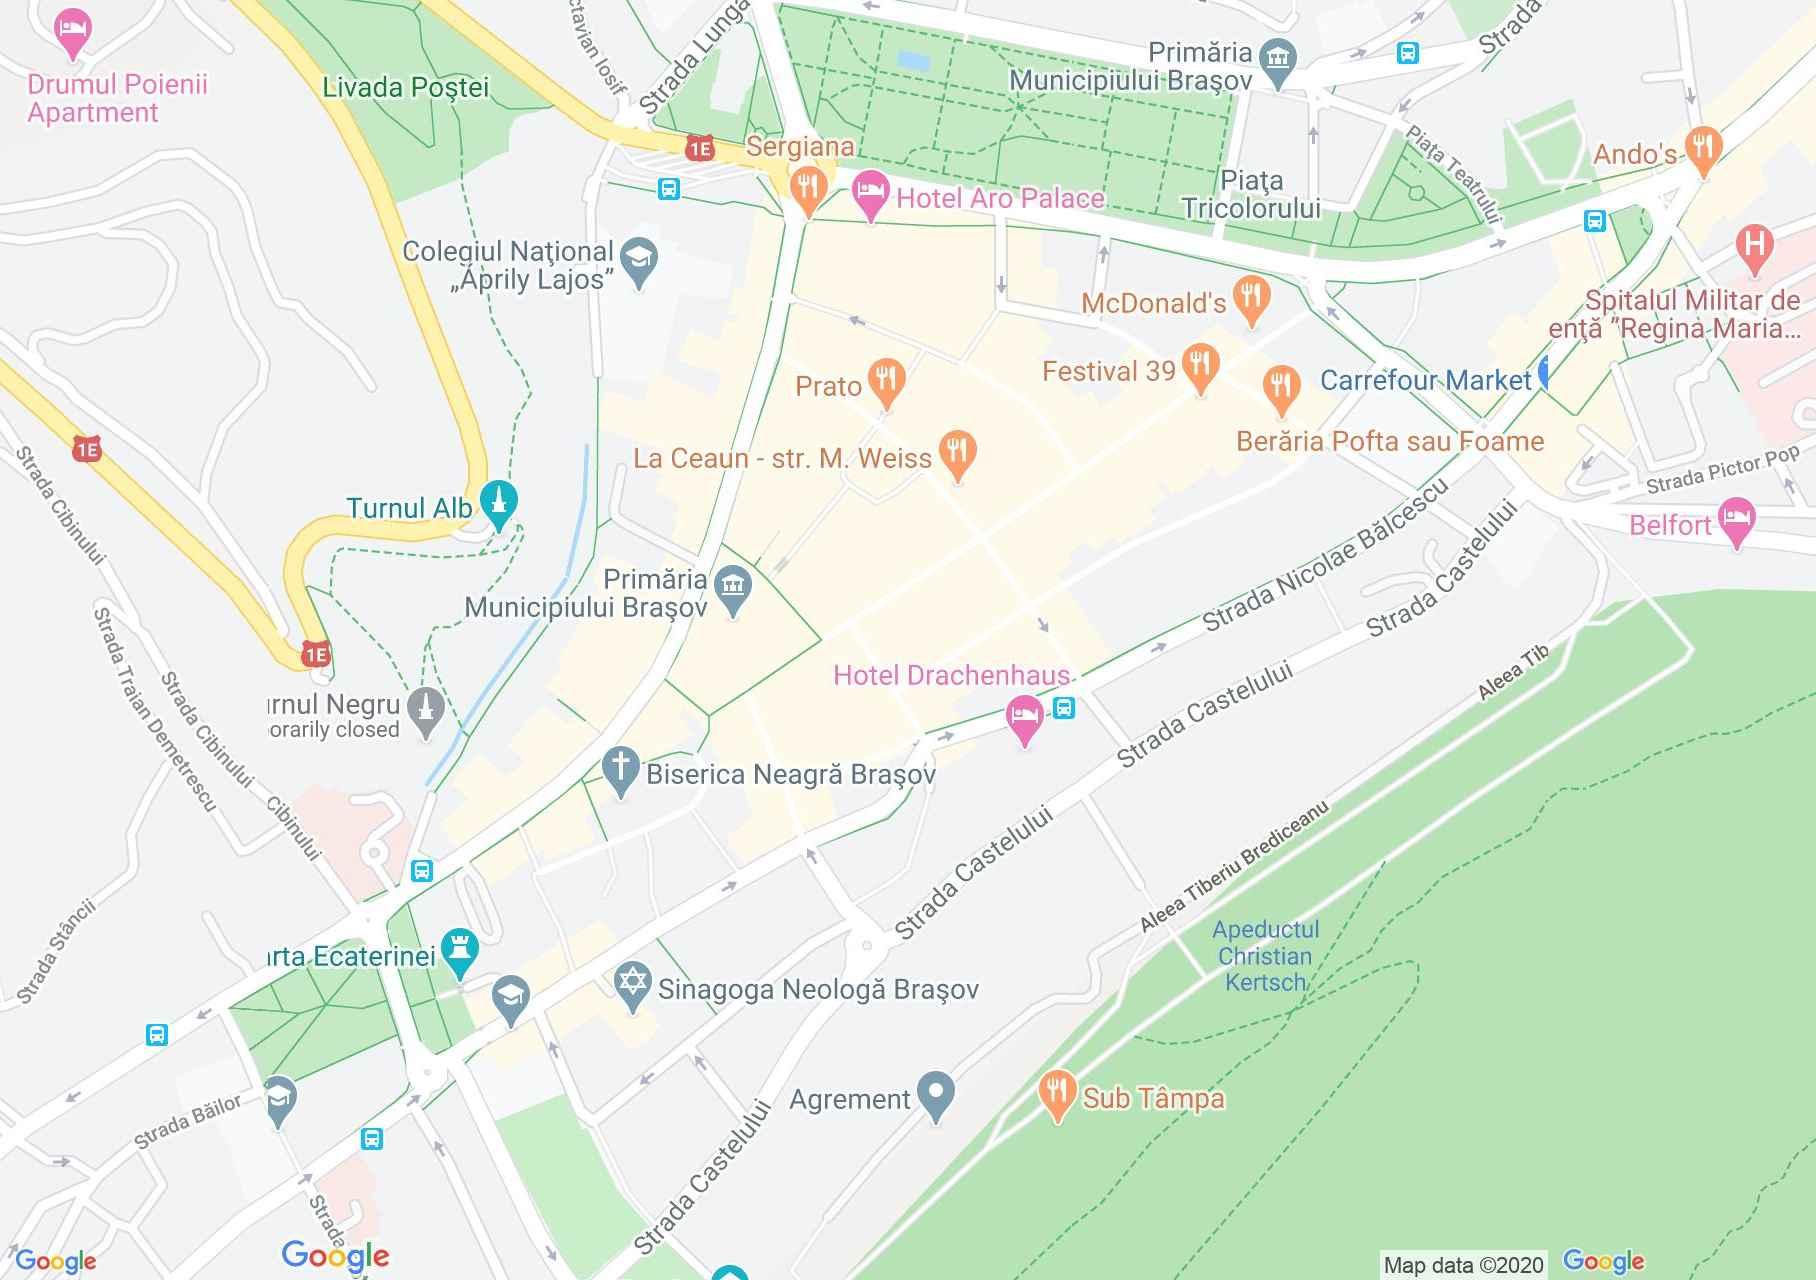 Centrul oraşului Braşov, Harta turistică interactivă